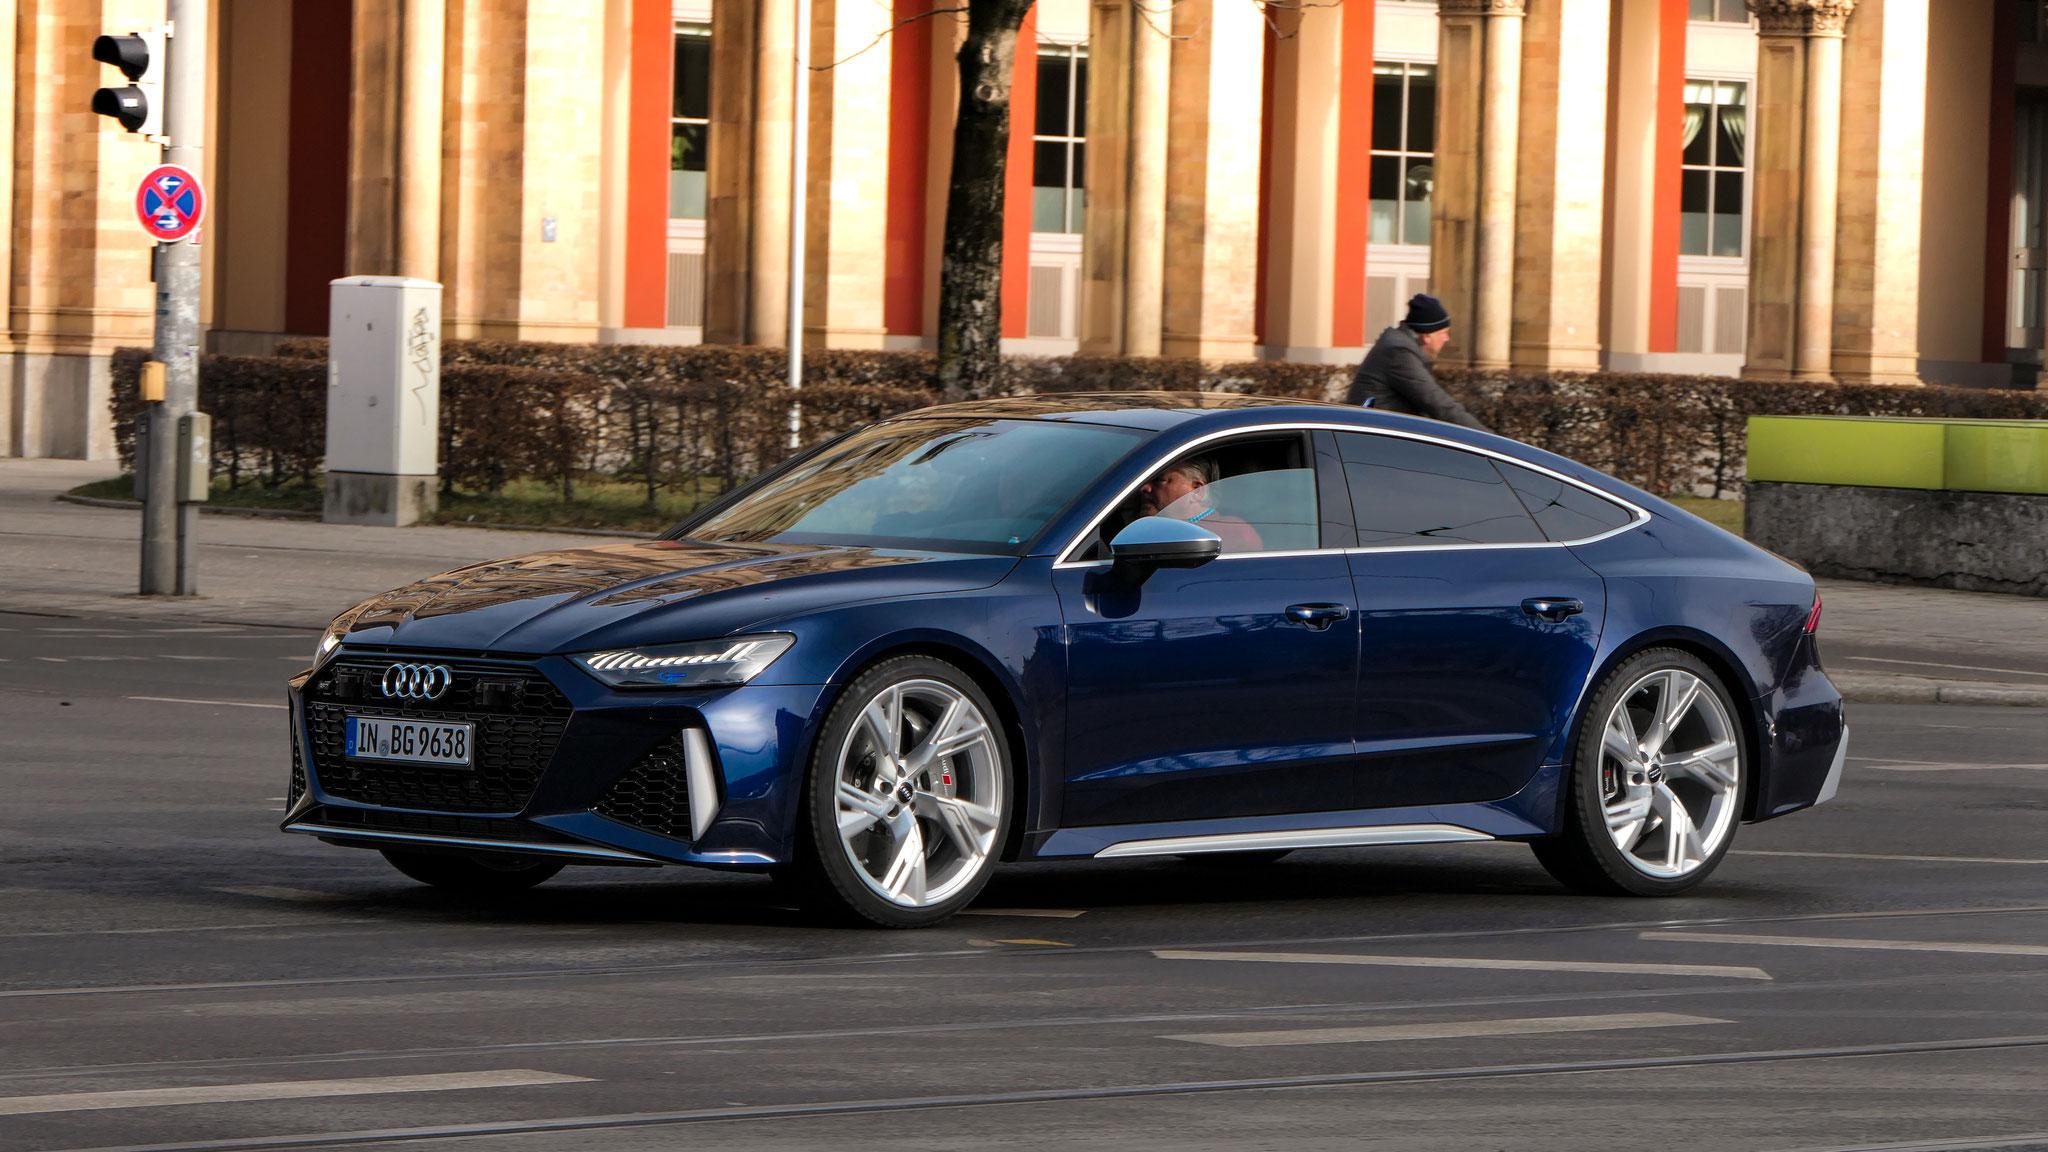 Audi RS7 - IN-BG-9638